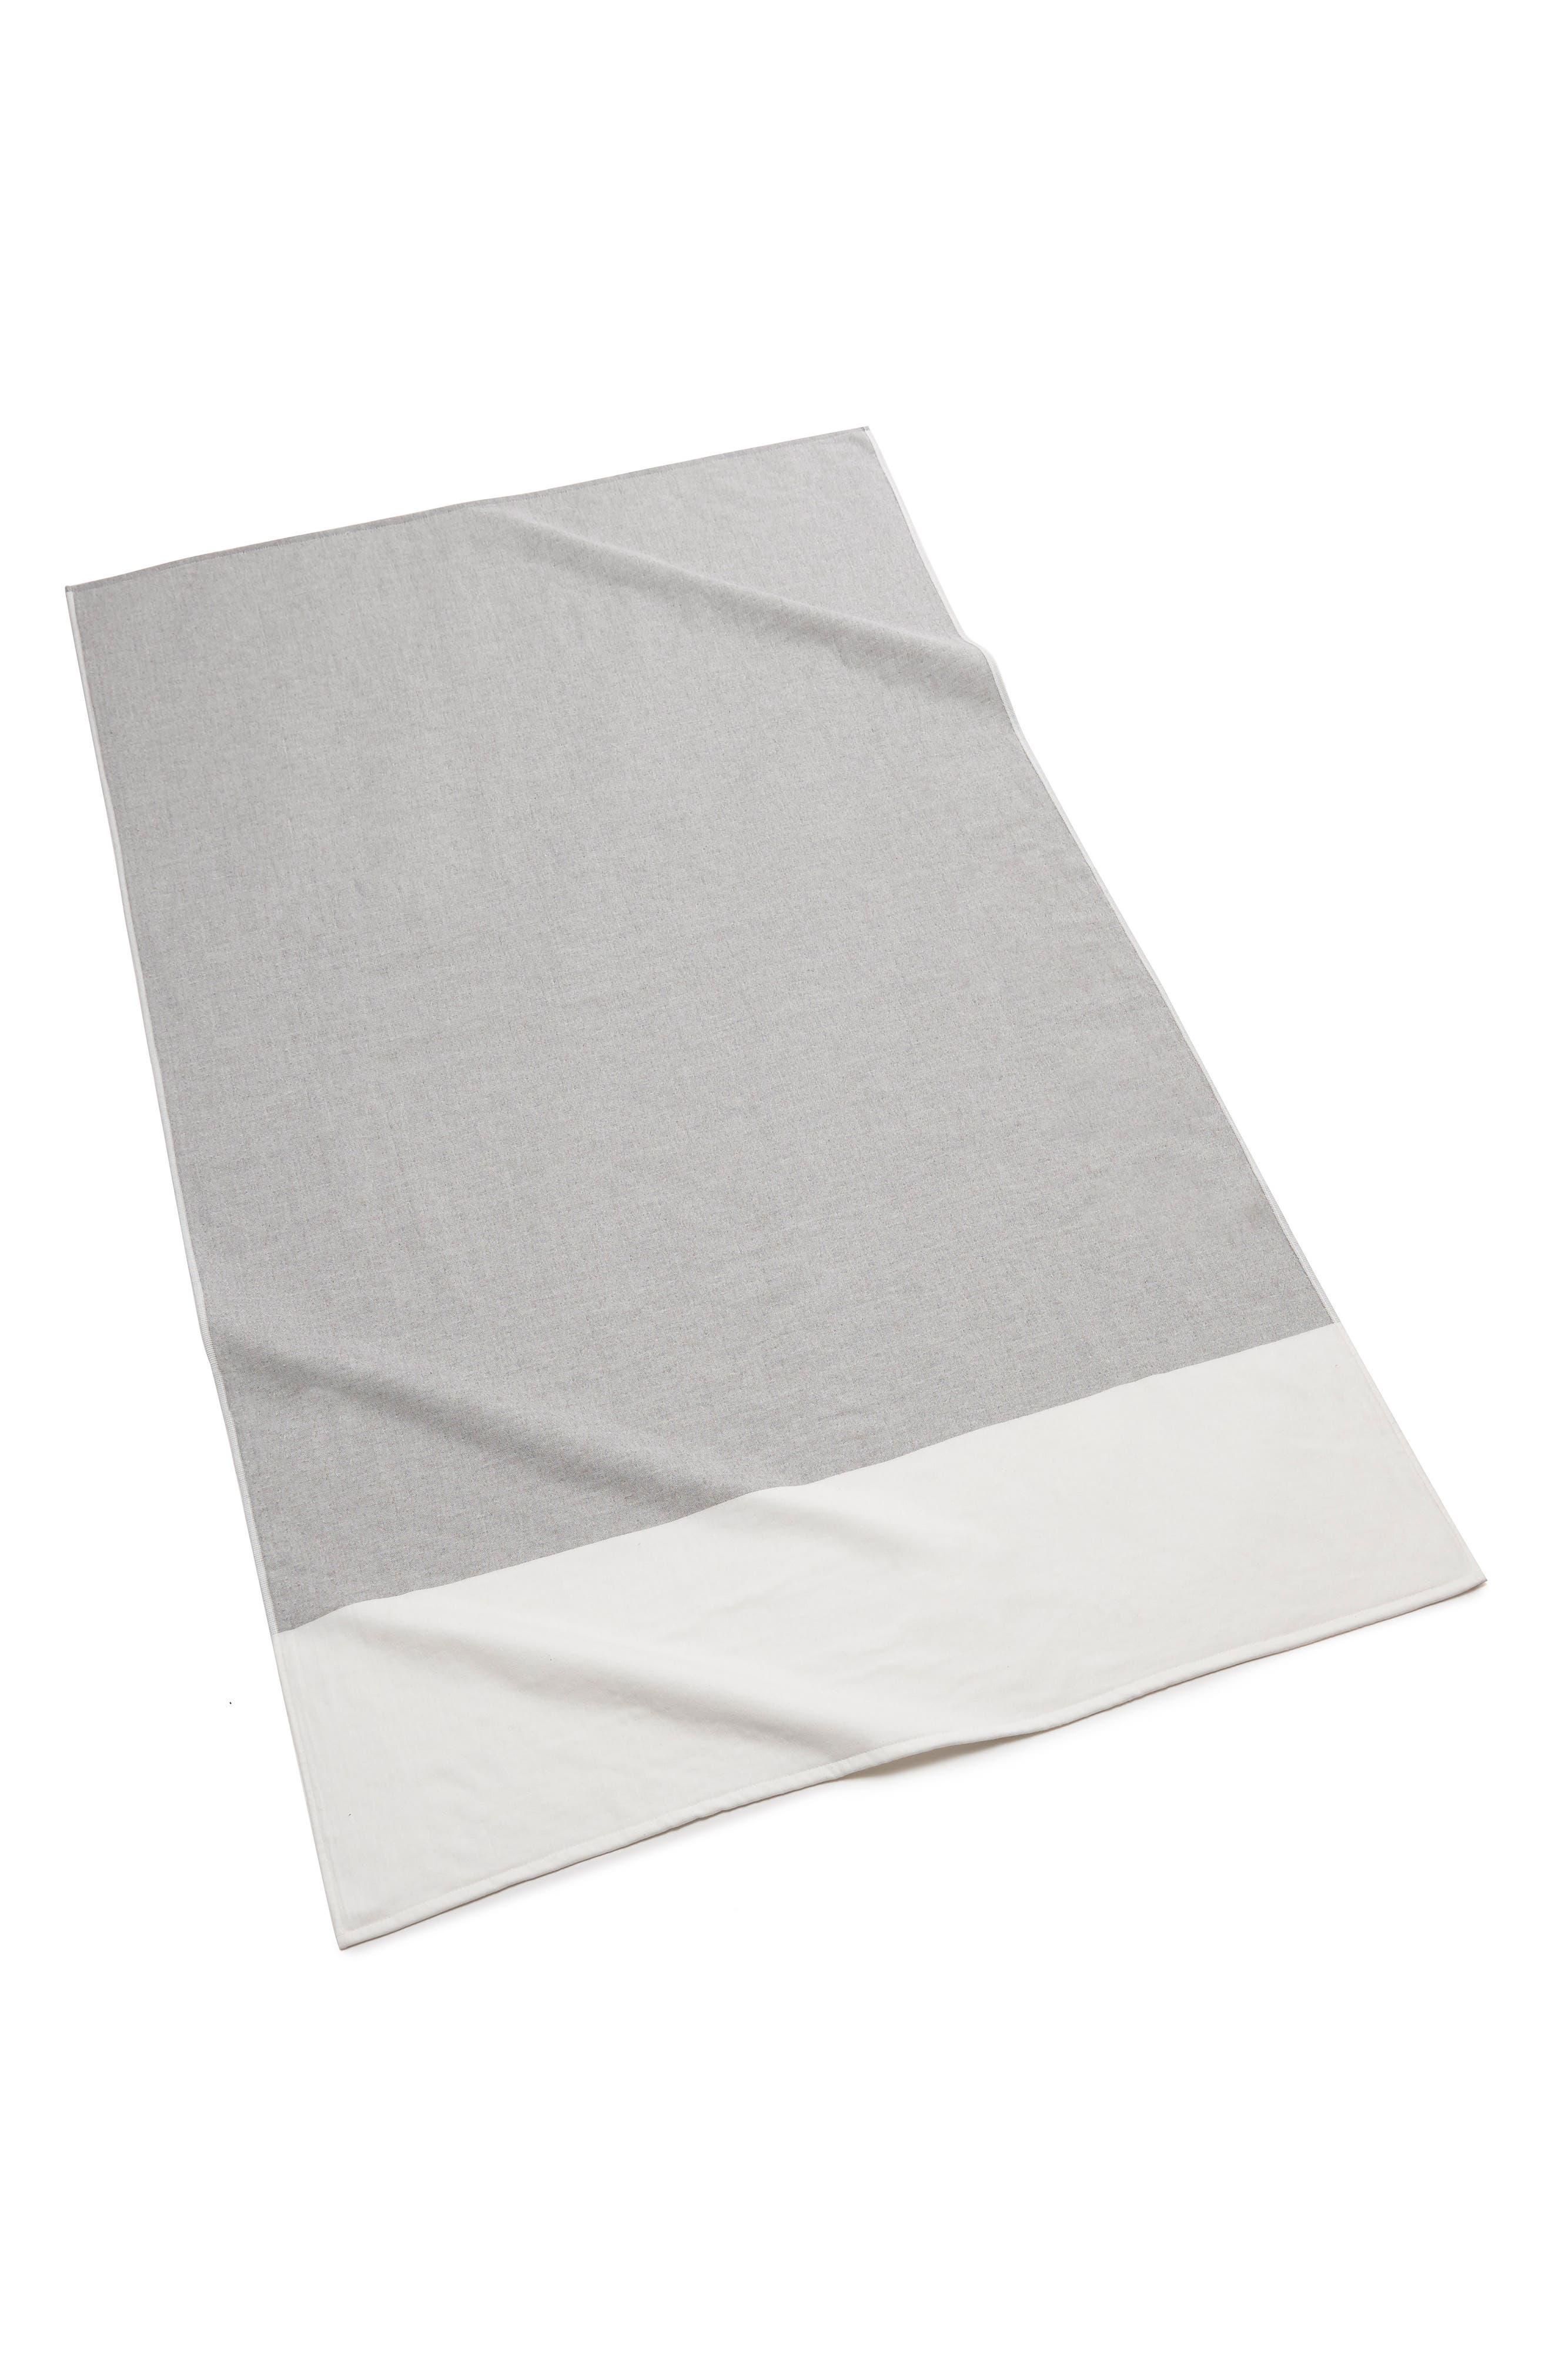 Block Pareo Beach Towel,                             Main thumbnail 1, color,                             020